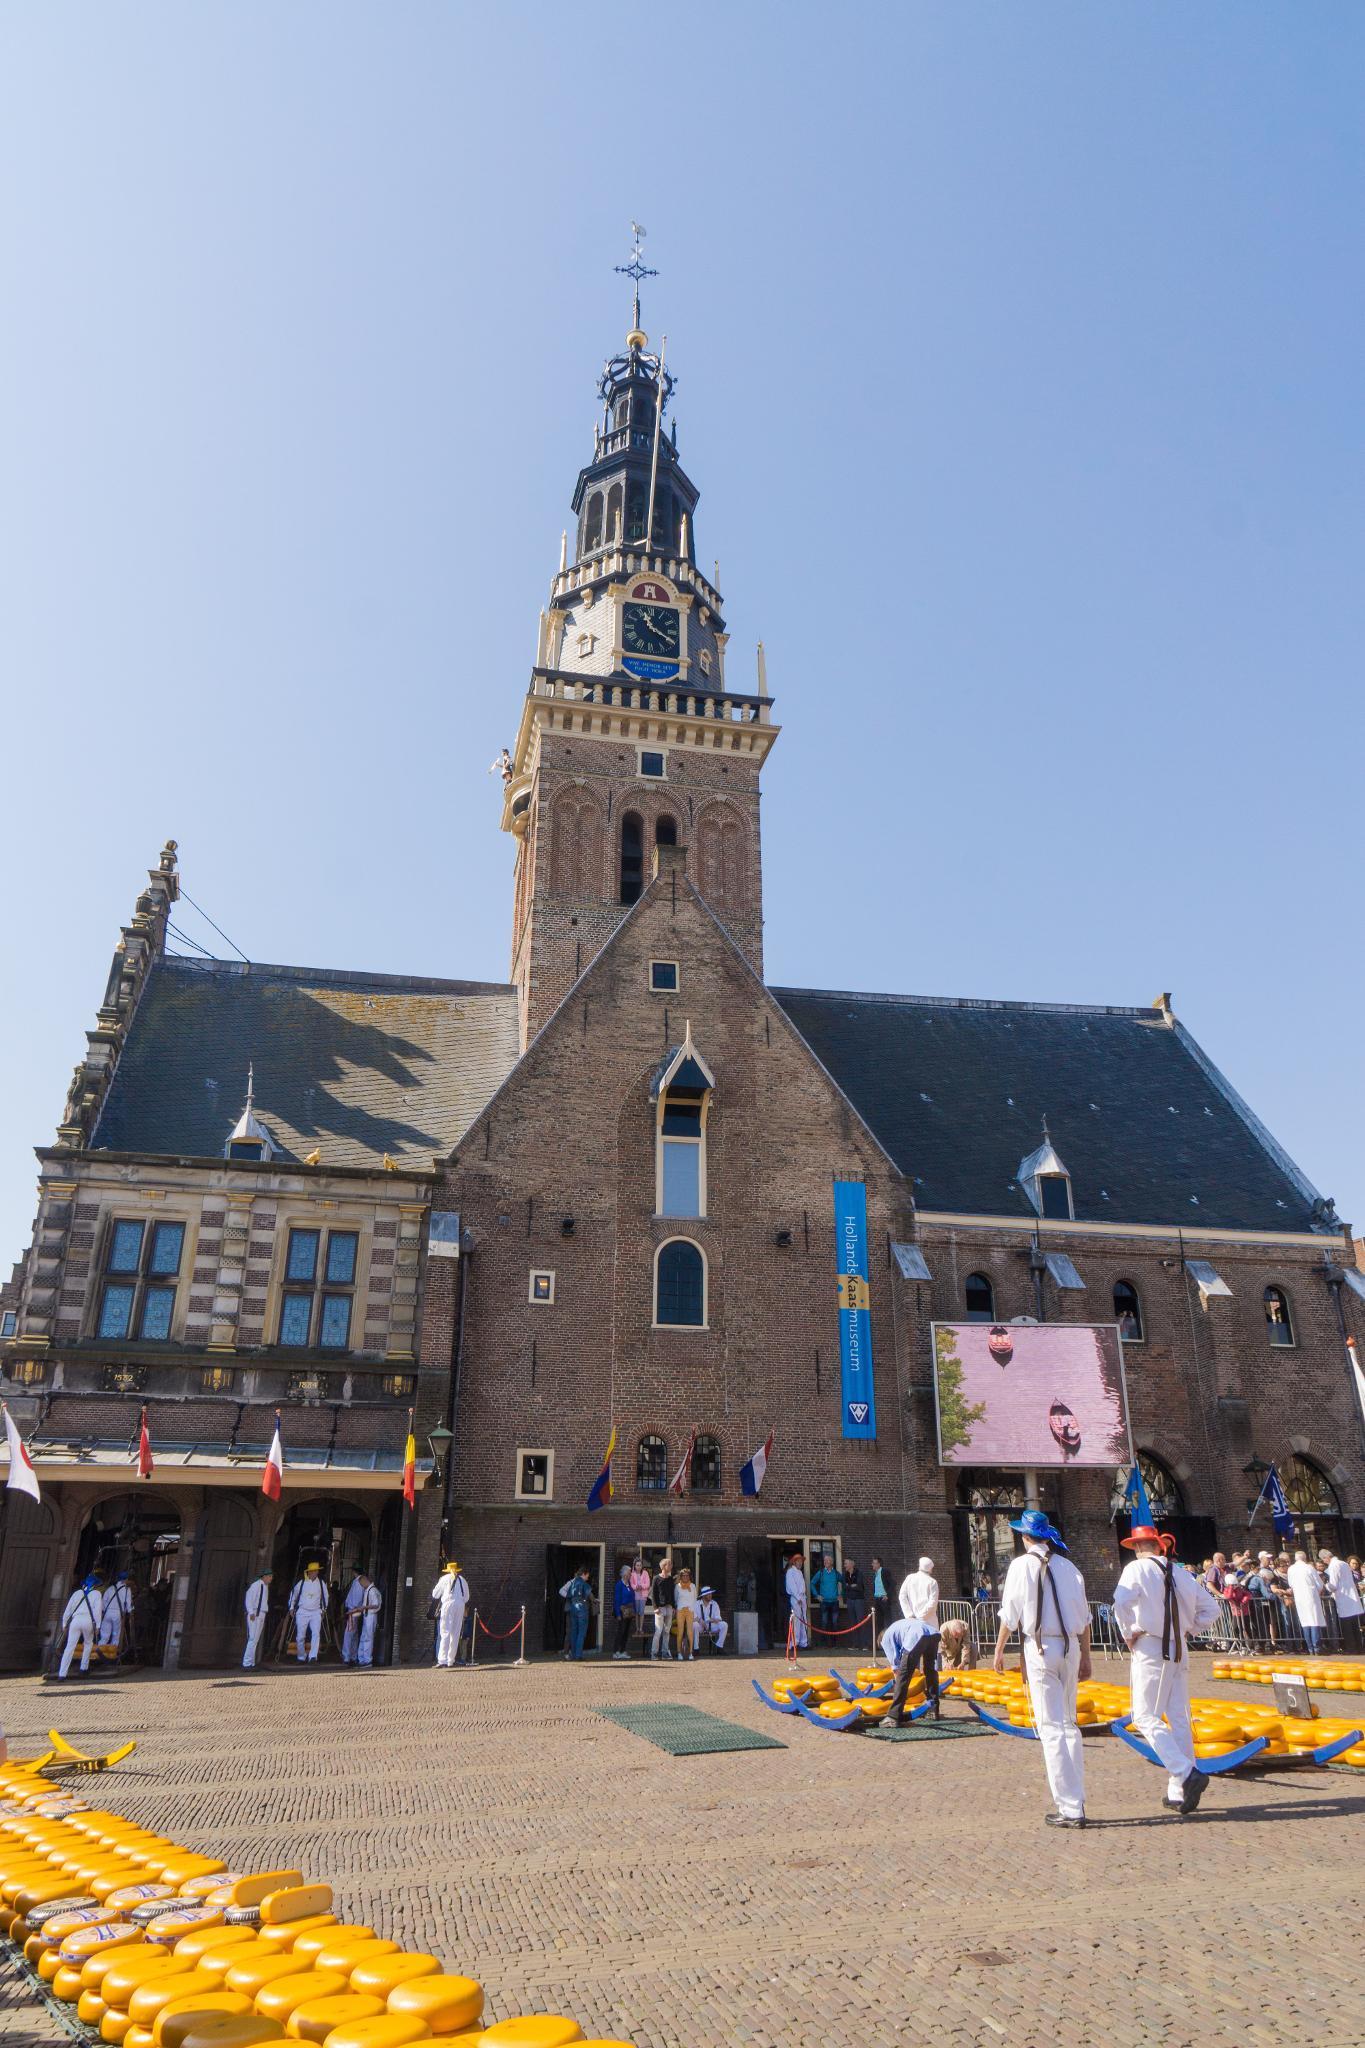 【荷蘭印象】體驗道地的荷式風情 — Alkmaar 起司市集 散步路線整理 18